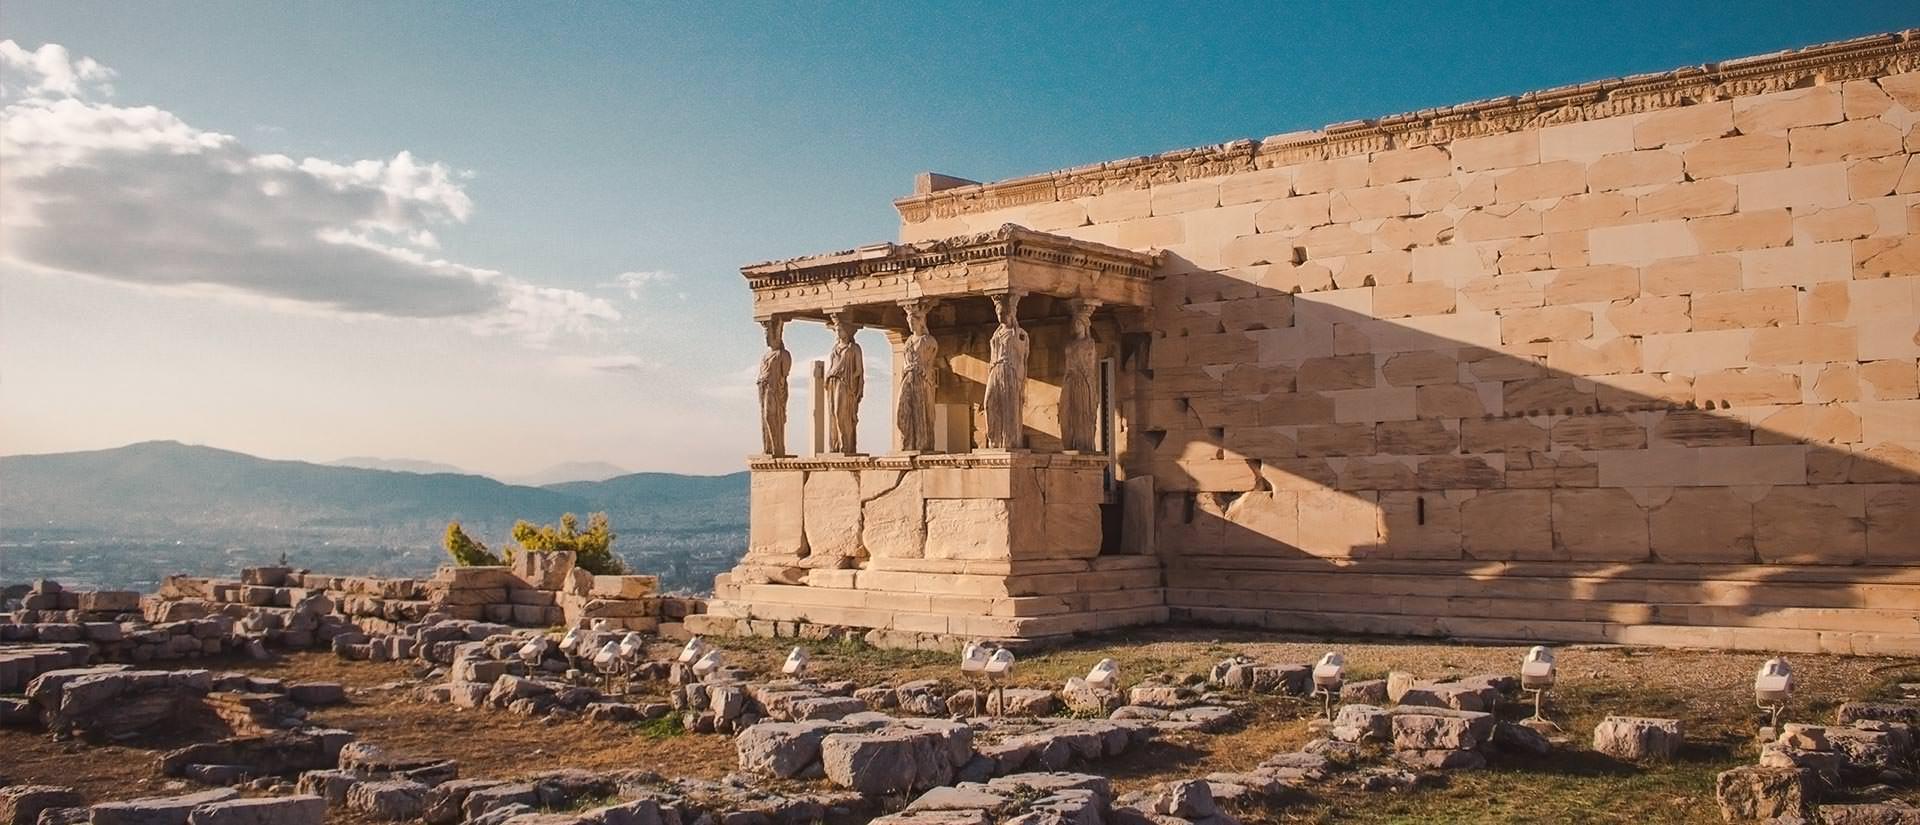 מידע שימושי למטייל ביוון